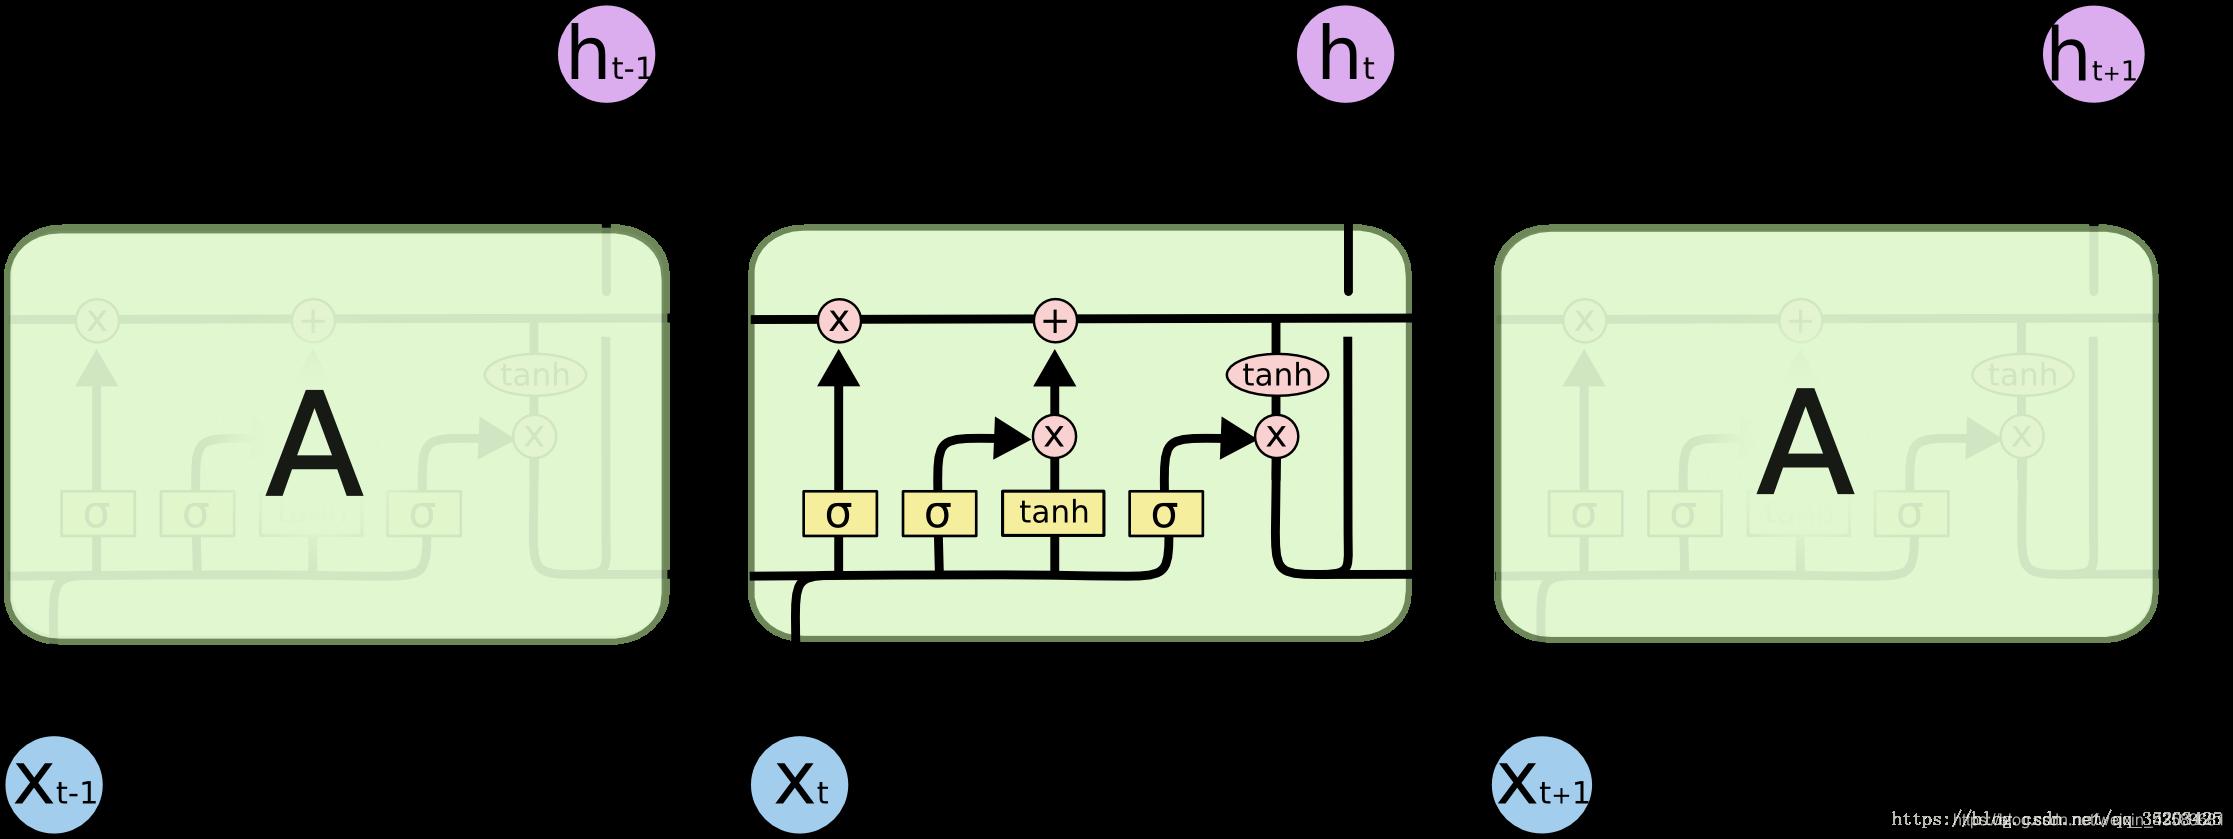 LSTM模型